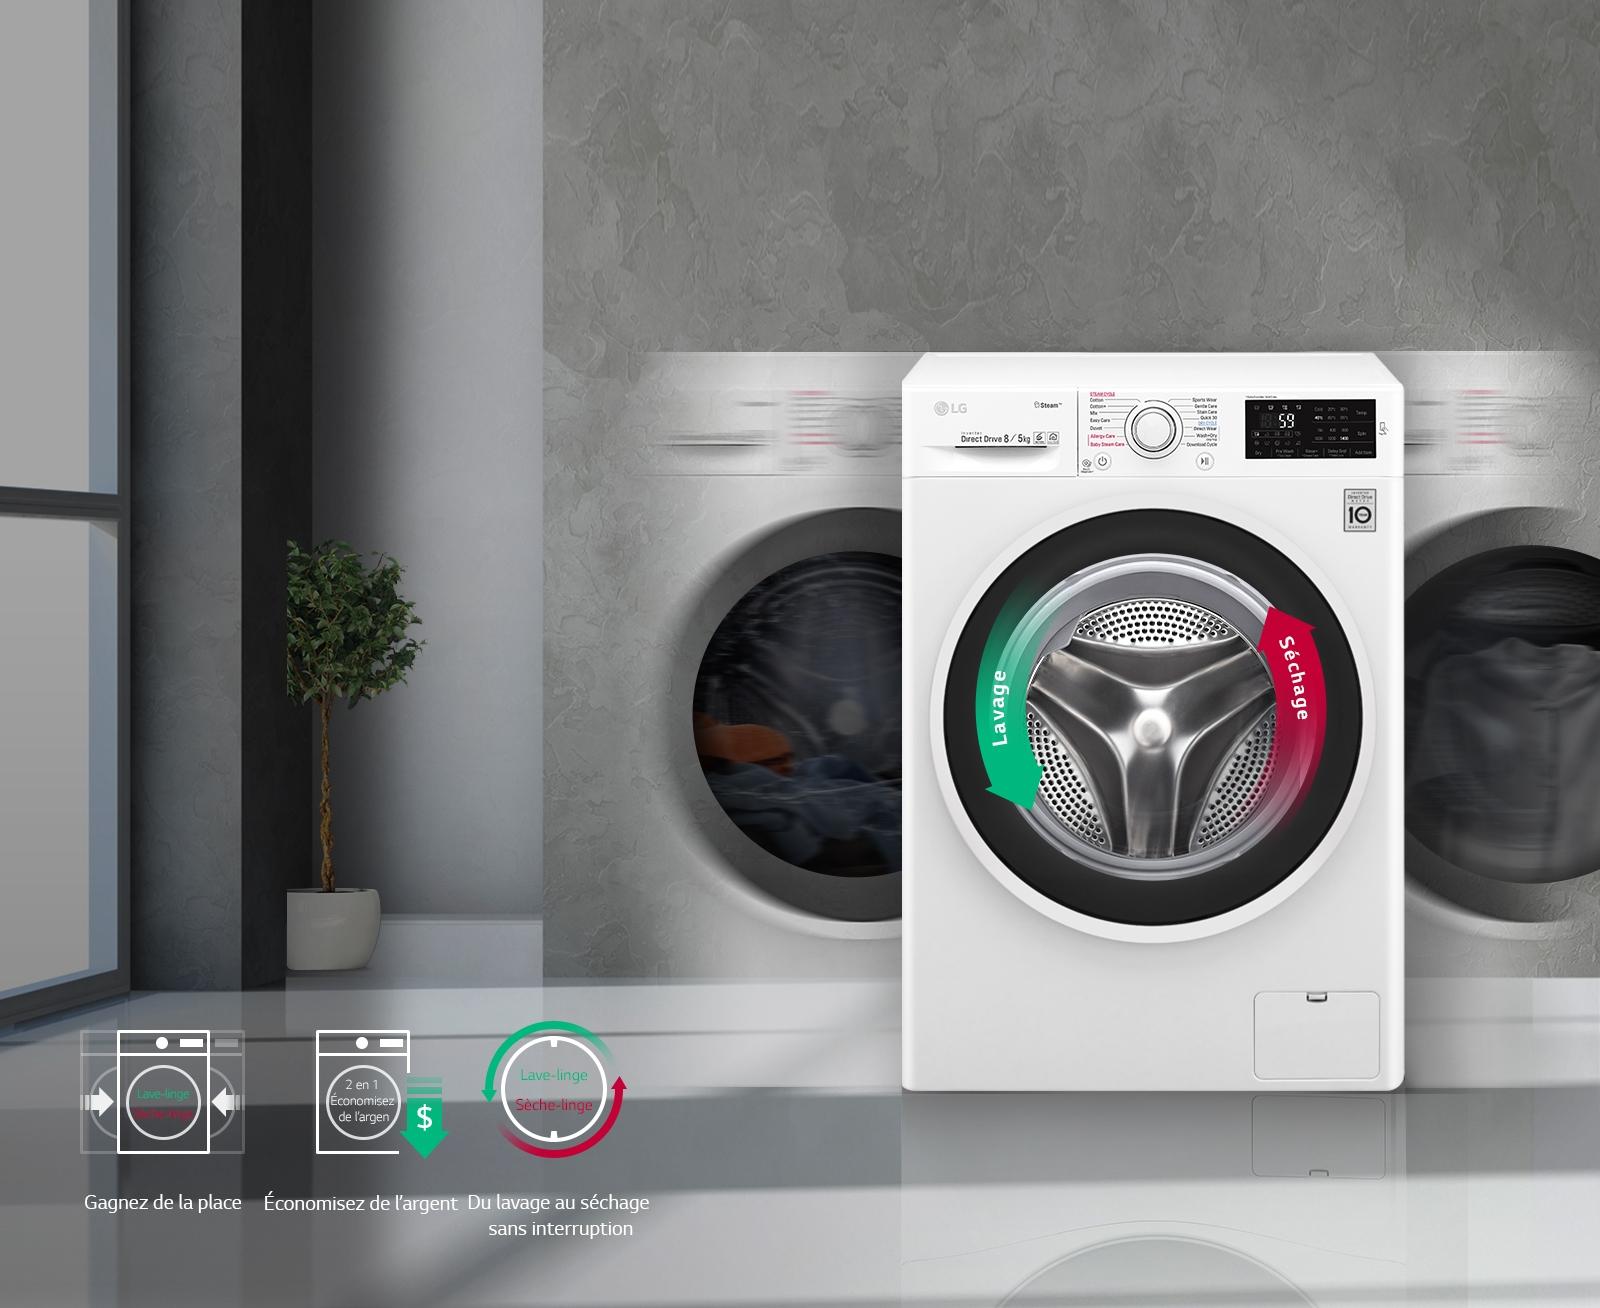 Nettoyer Machine À Laver Le Linge du lavage au séchage sans interruption, pour plus de